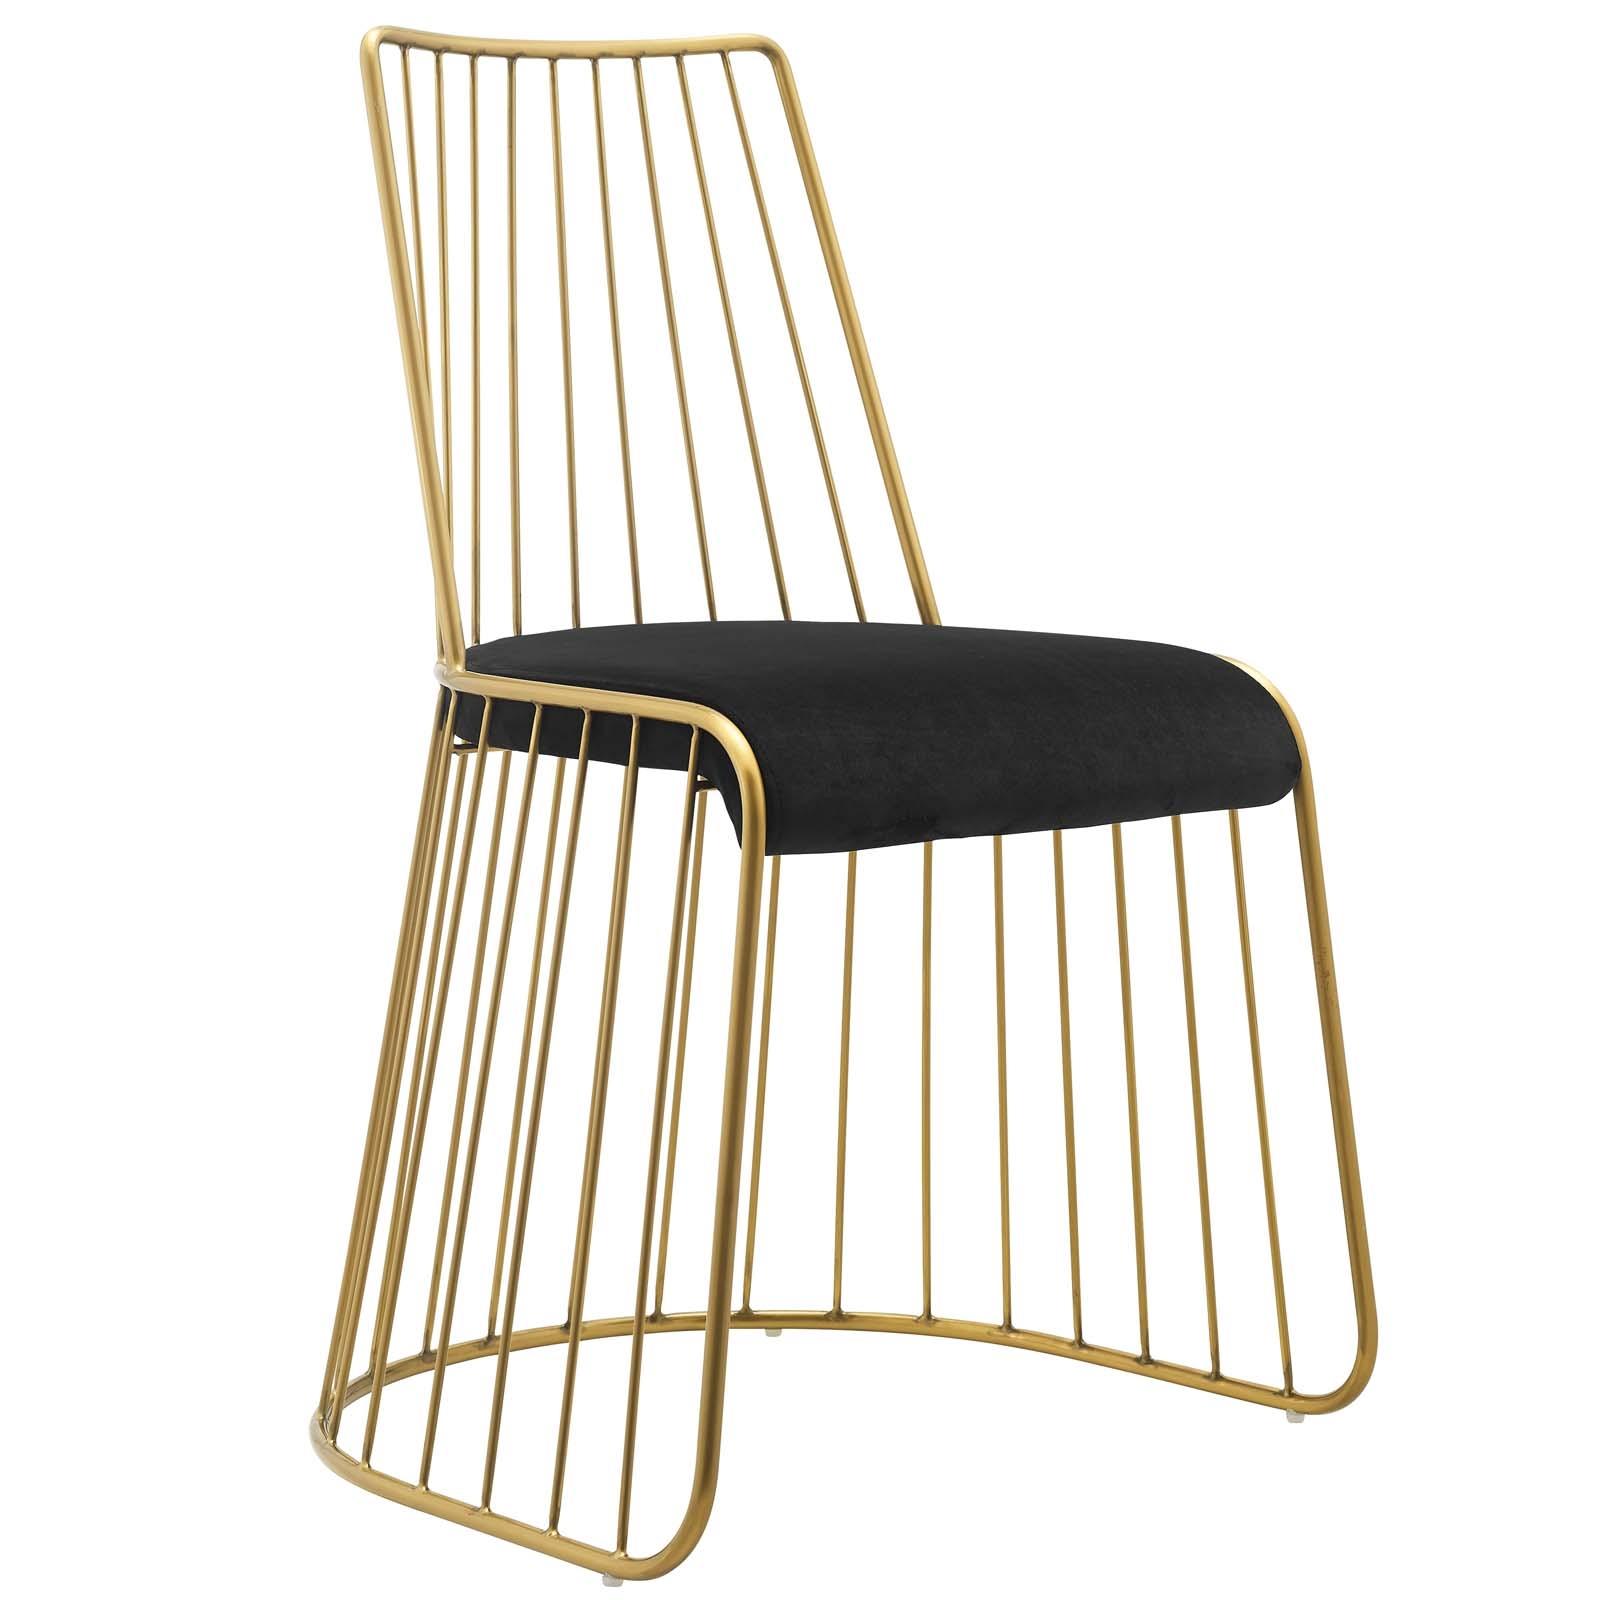 Rivulet Gold Stainless Steel Performance Velvet Dining Chair in Gold Black